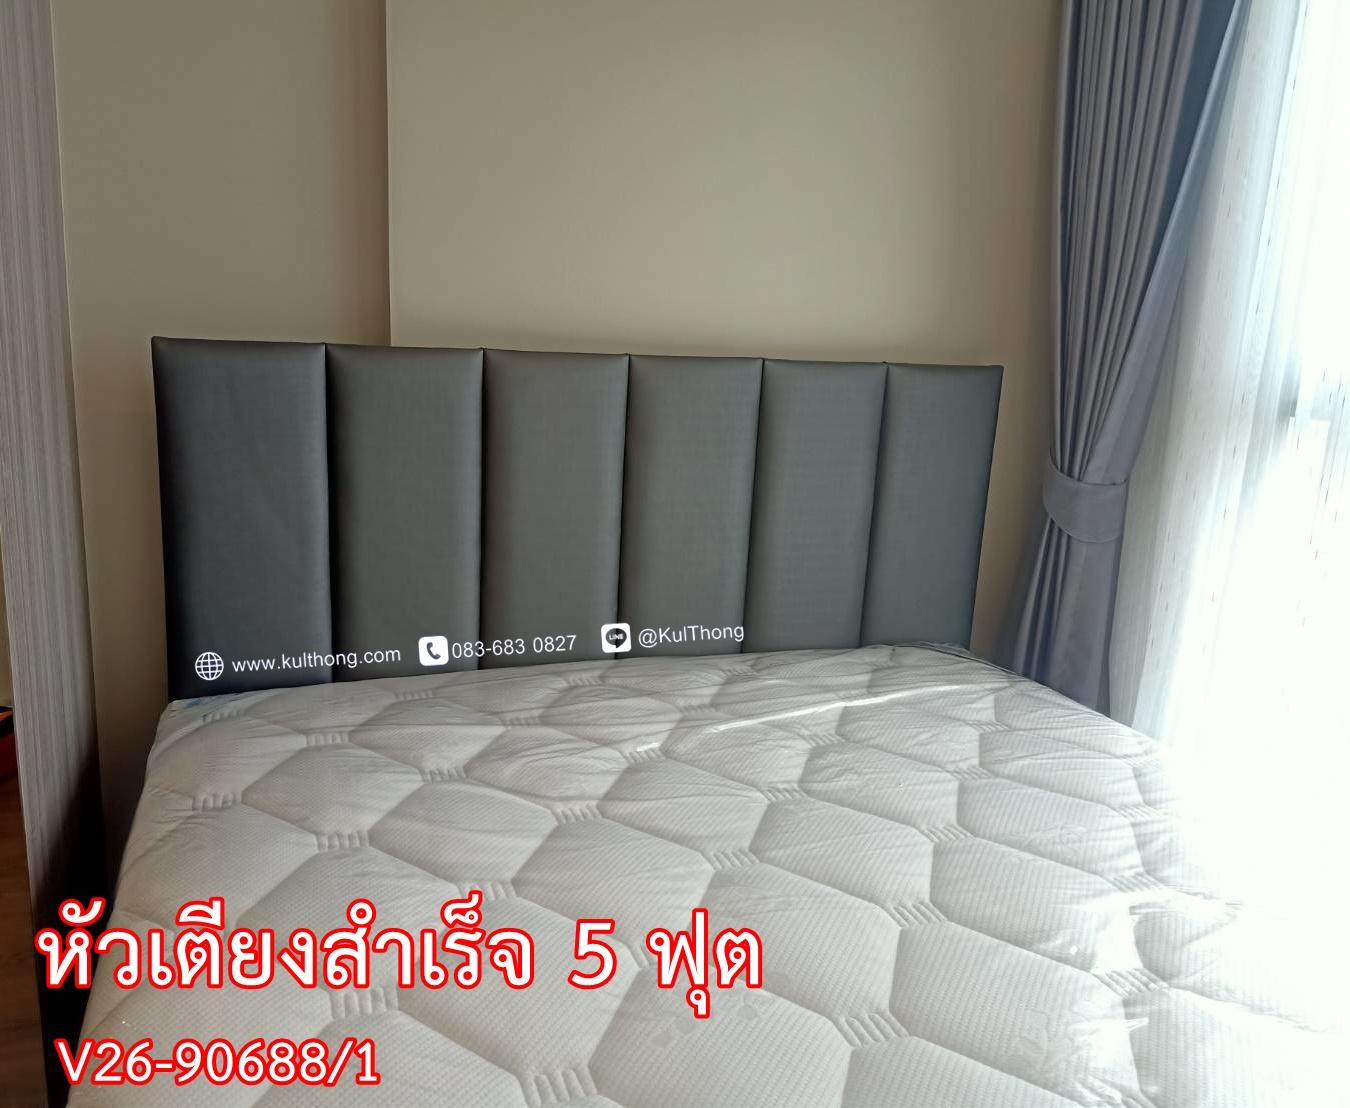 แผ่นหัวเตียง หัวเตียงแขวนผนัง หัวเตียงอย่างเดียว